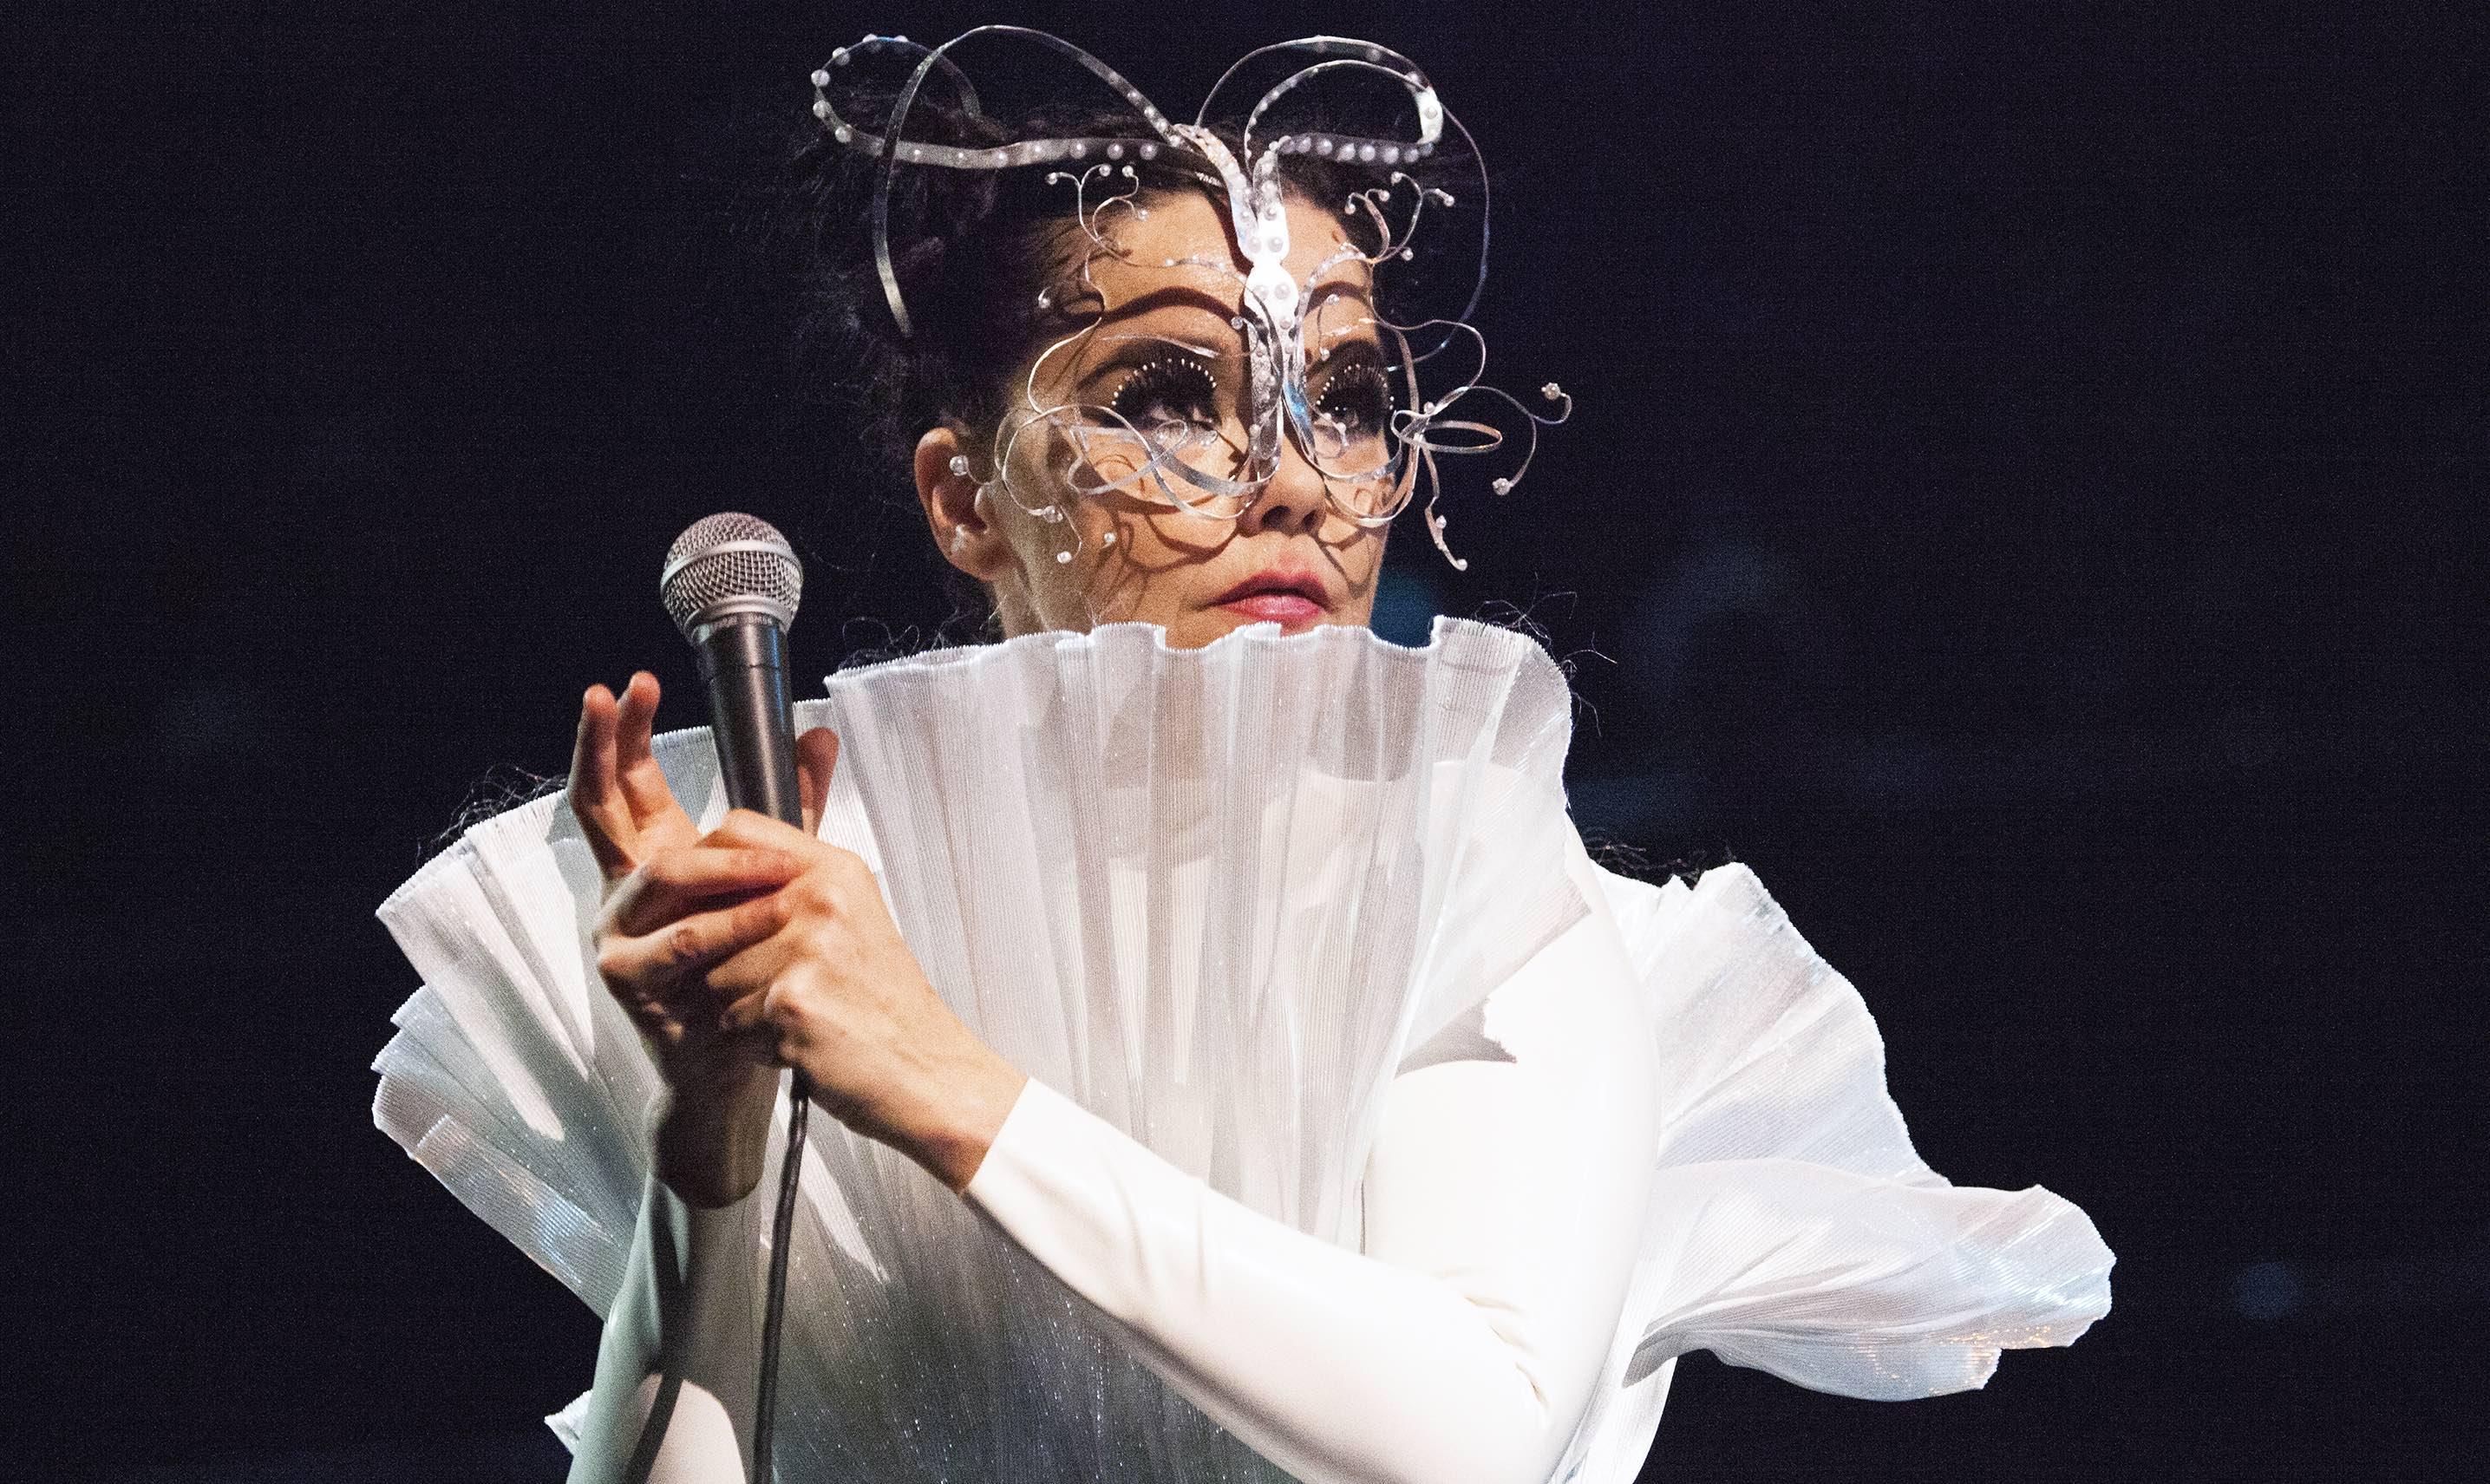 Björk deutet an, dass sie ausgenutzt wurde